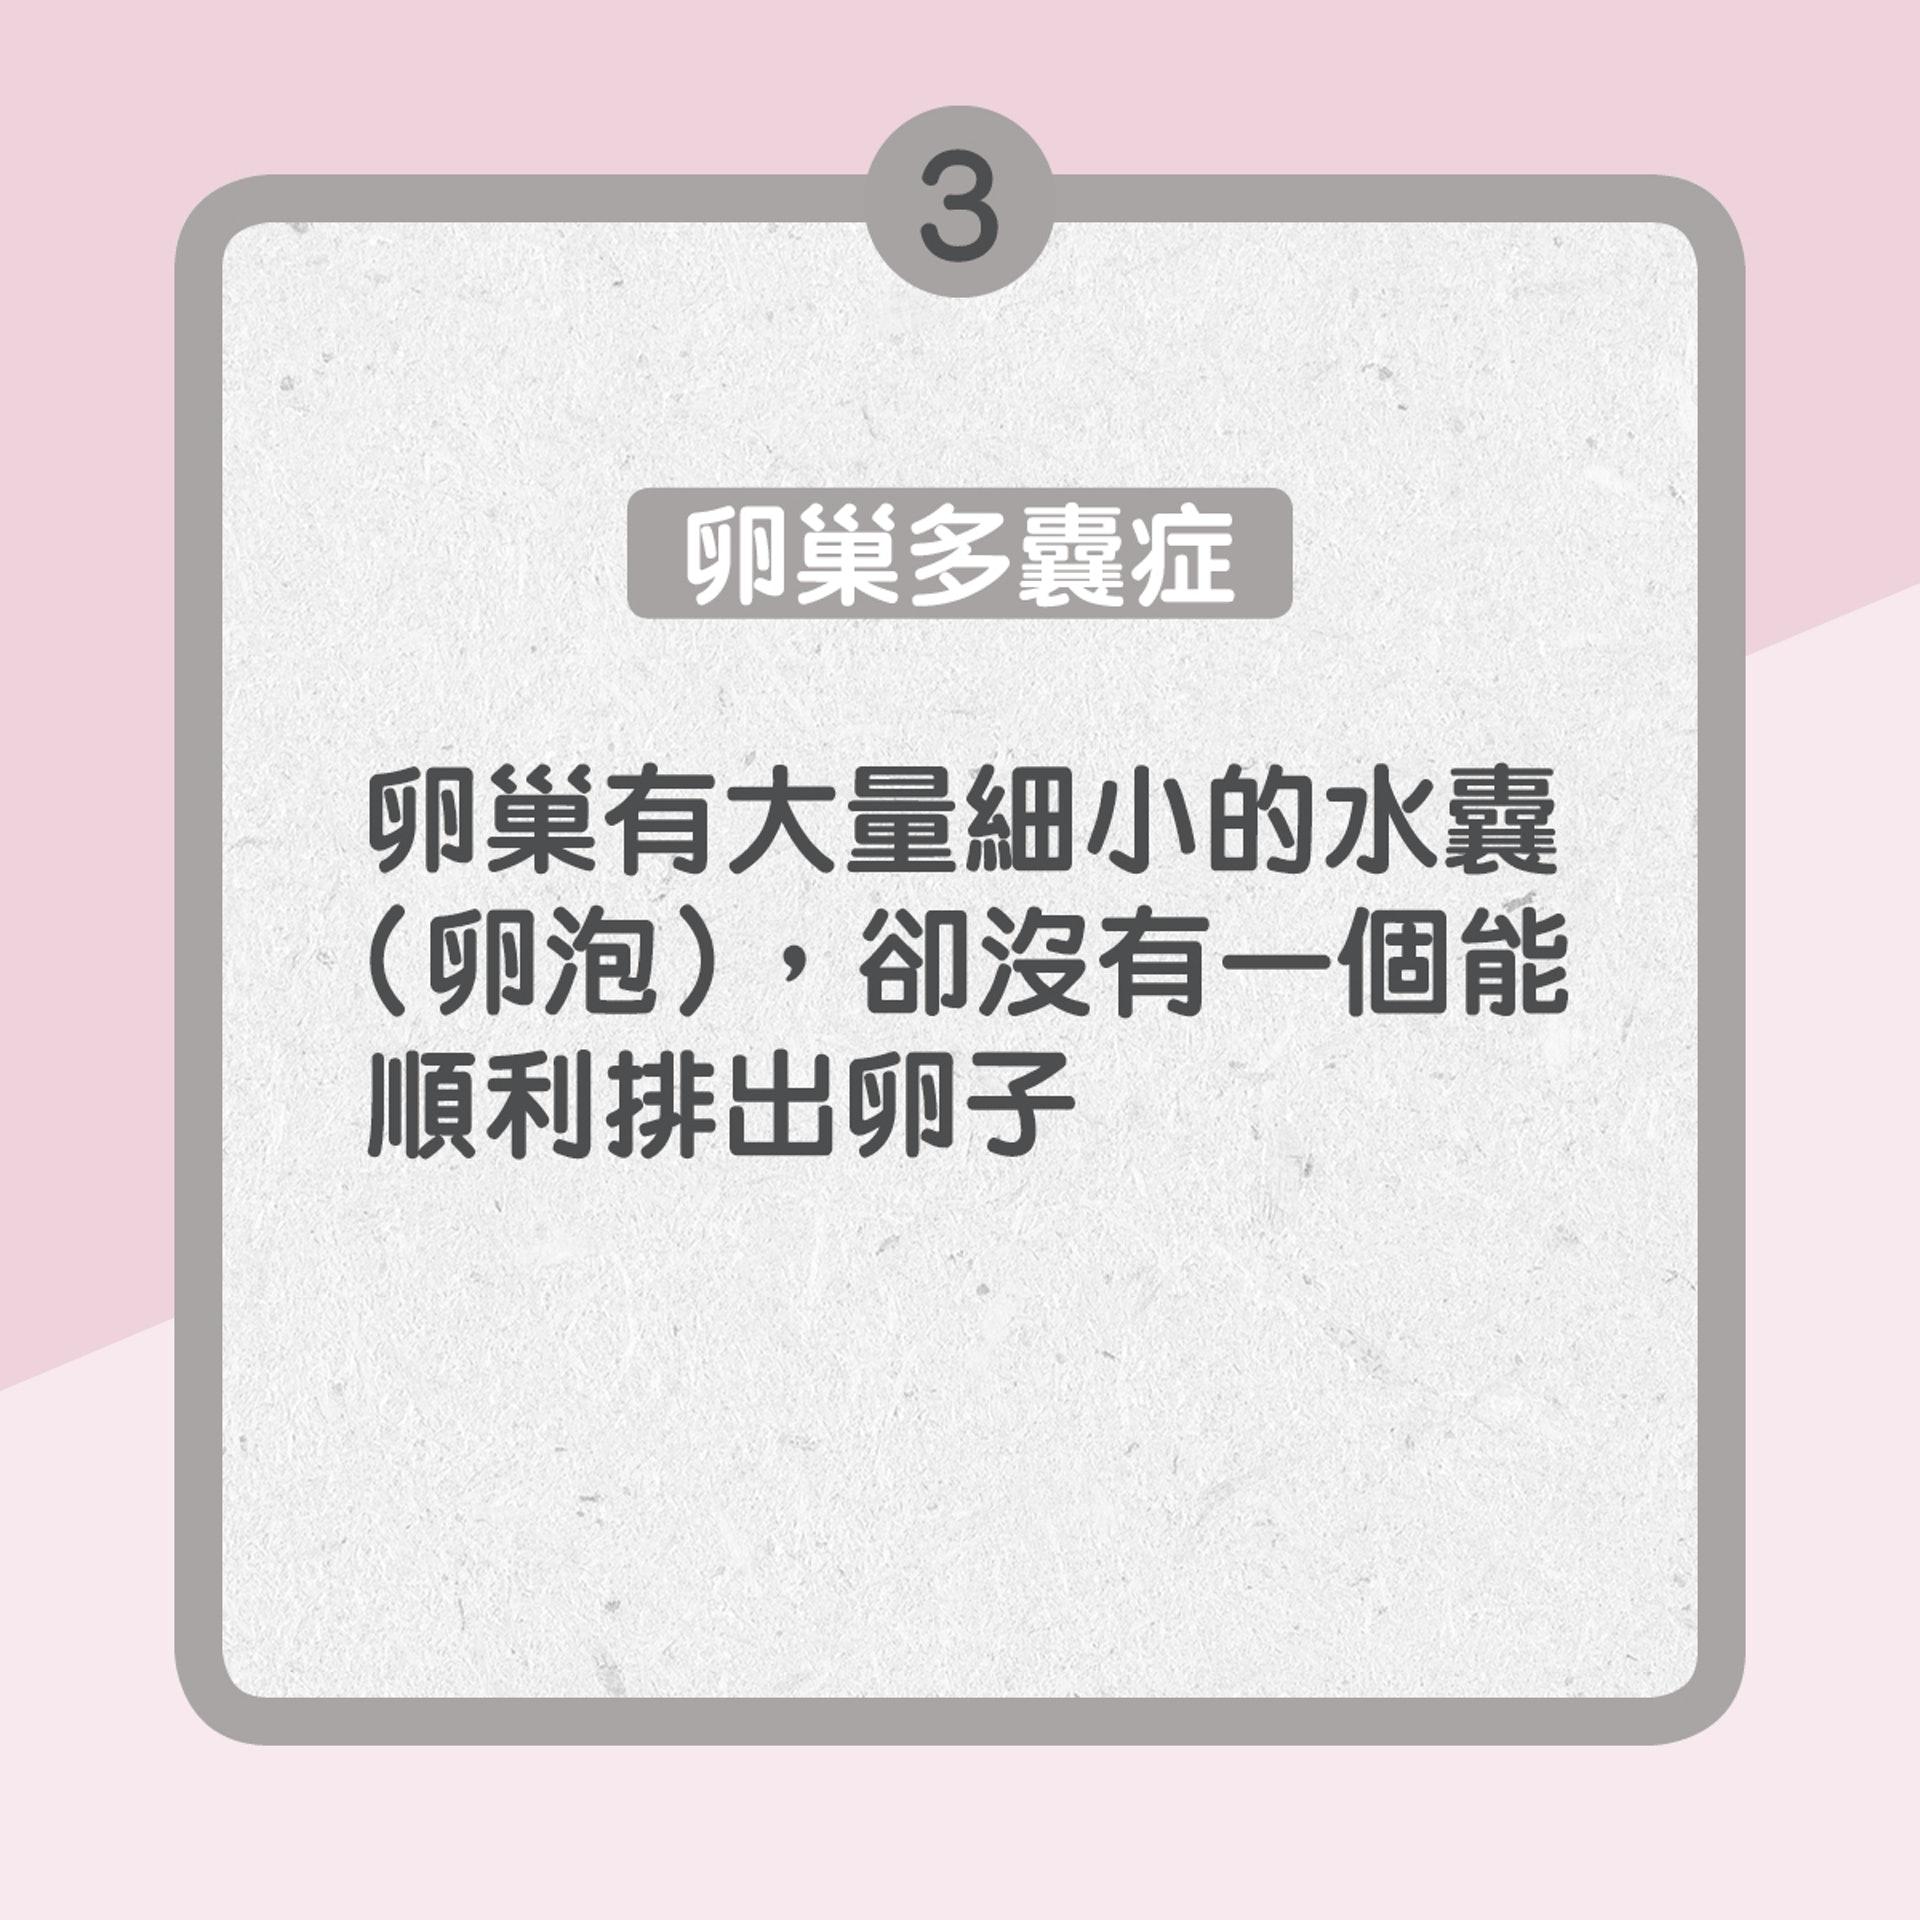 3. 卵巢多囊症:卵巢有大量細小的水囊(卵泡),卻沒有一個能順利排出卵子(01製圖)